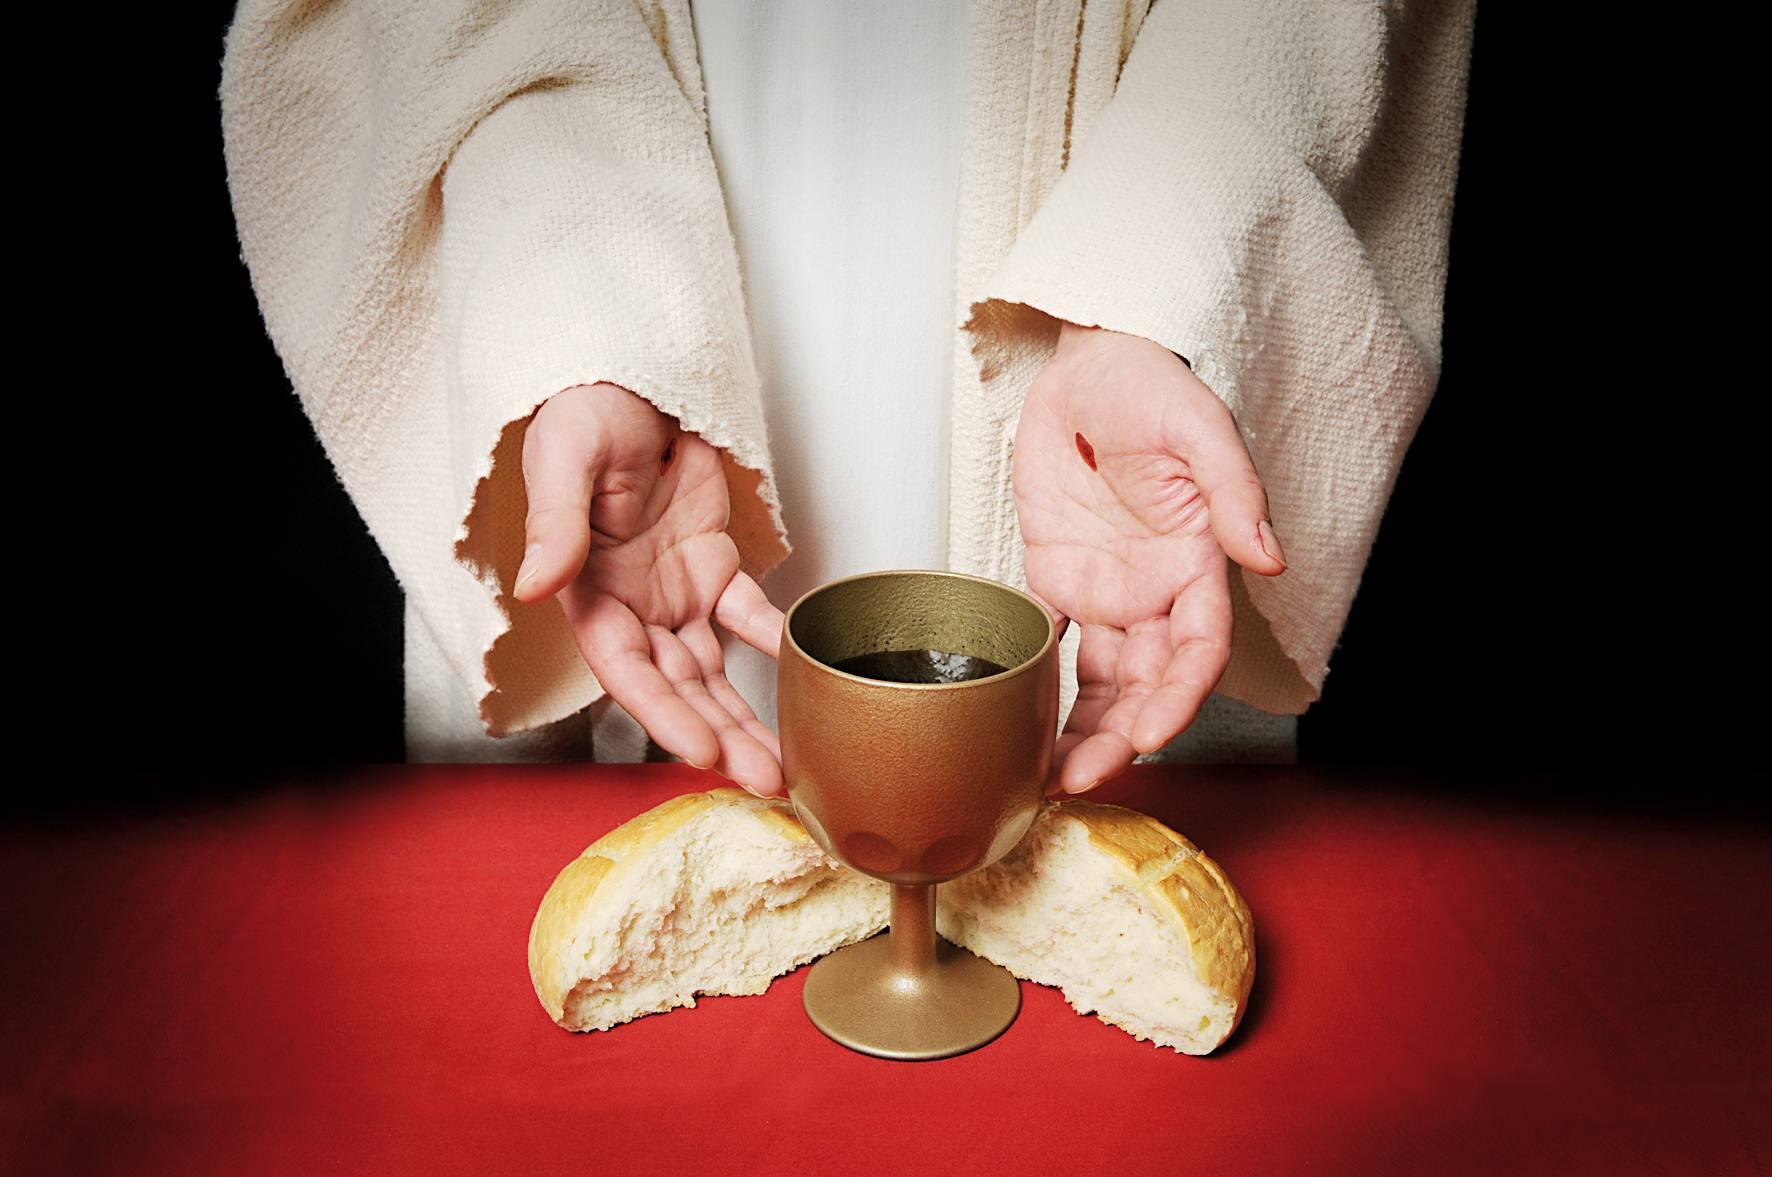 Ecco che fine ha fatto il calice dell'Ultima Cena di Gesù